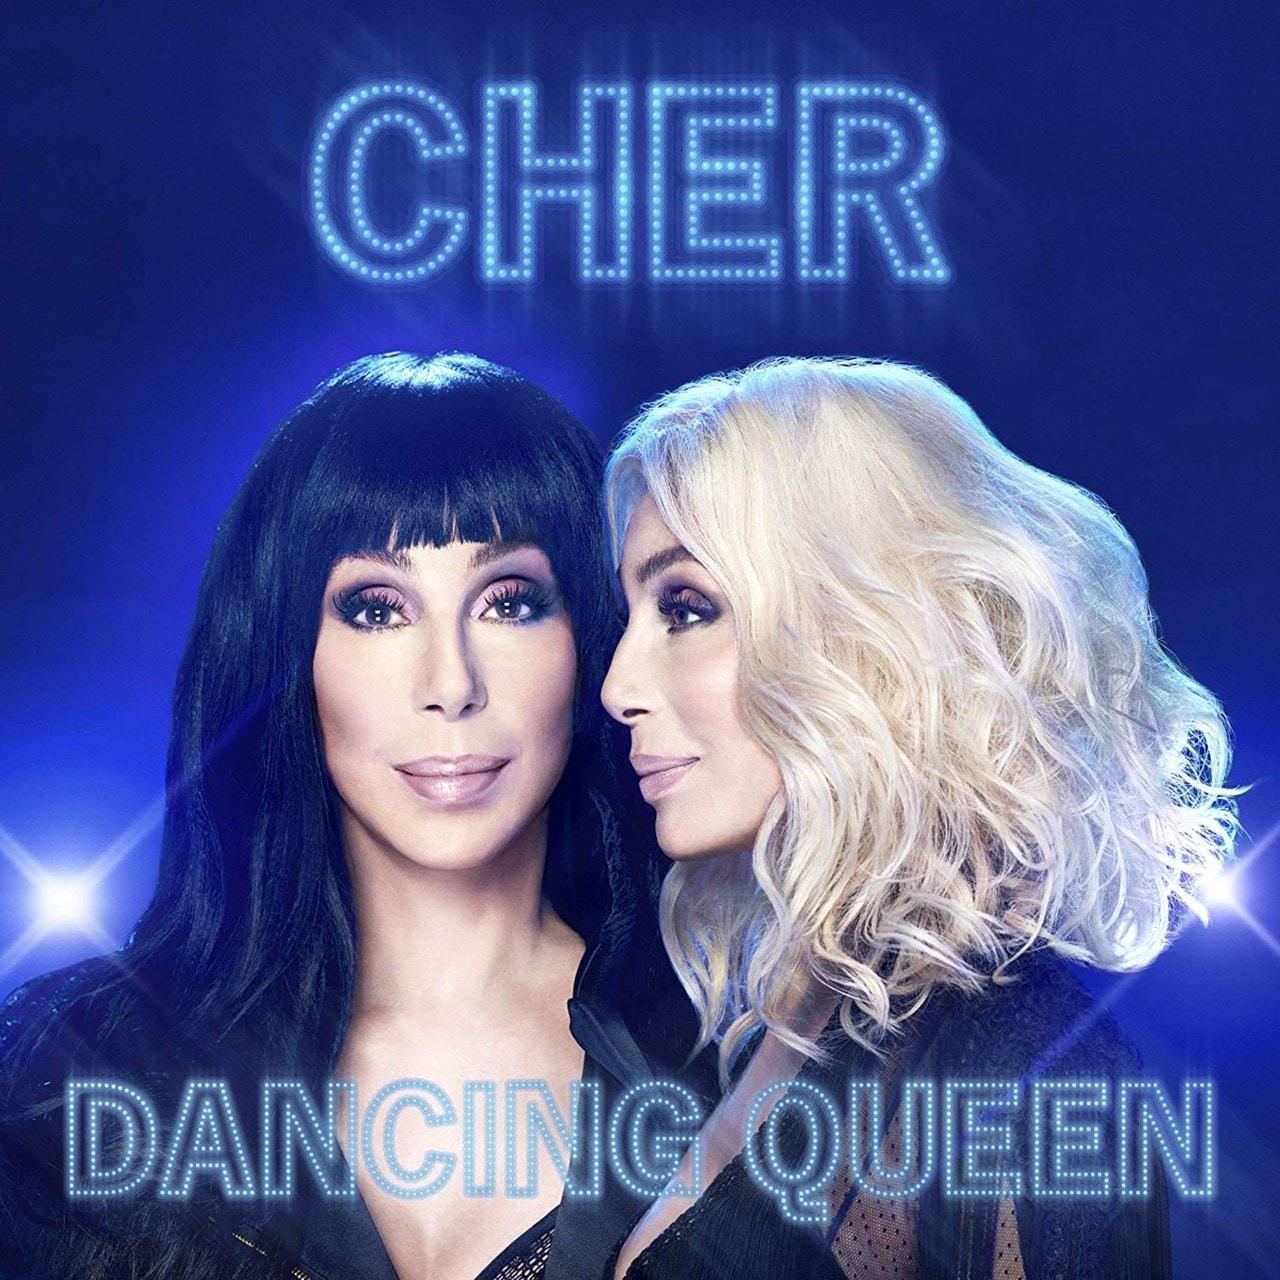 Dancing Queen (Transparent Blue Vinyl) - 1